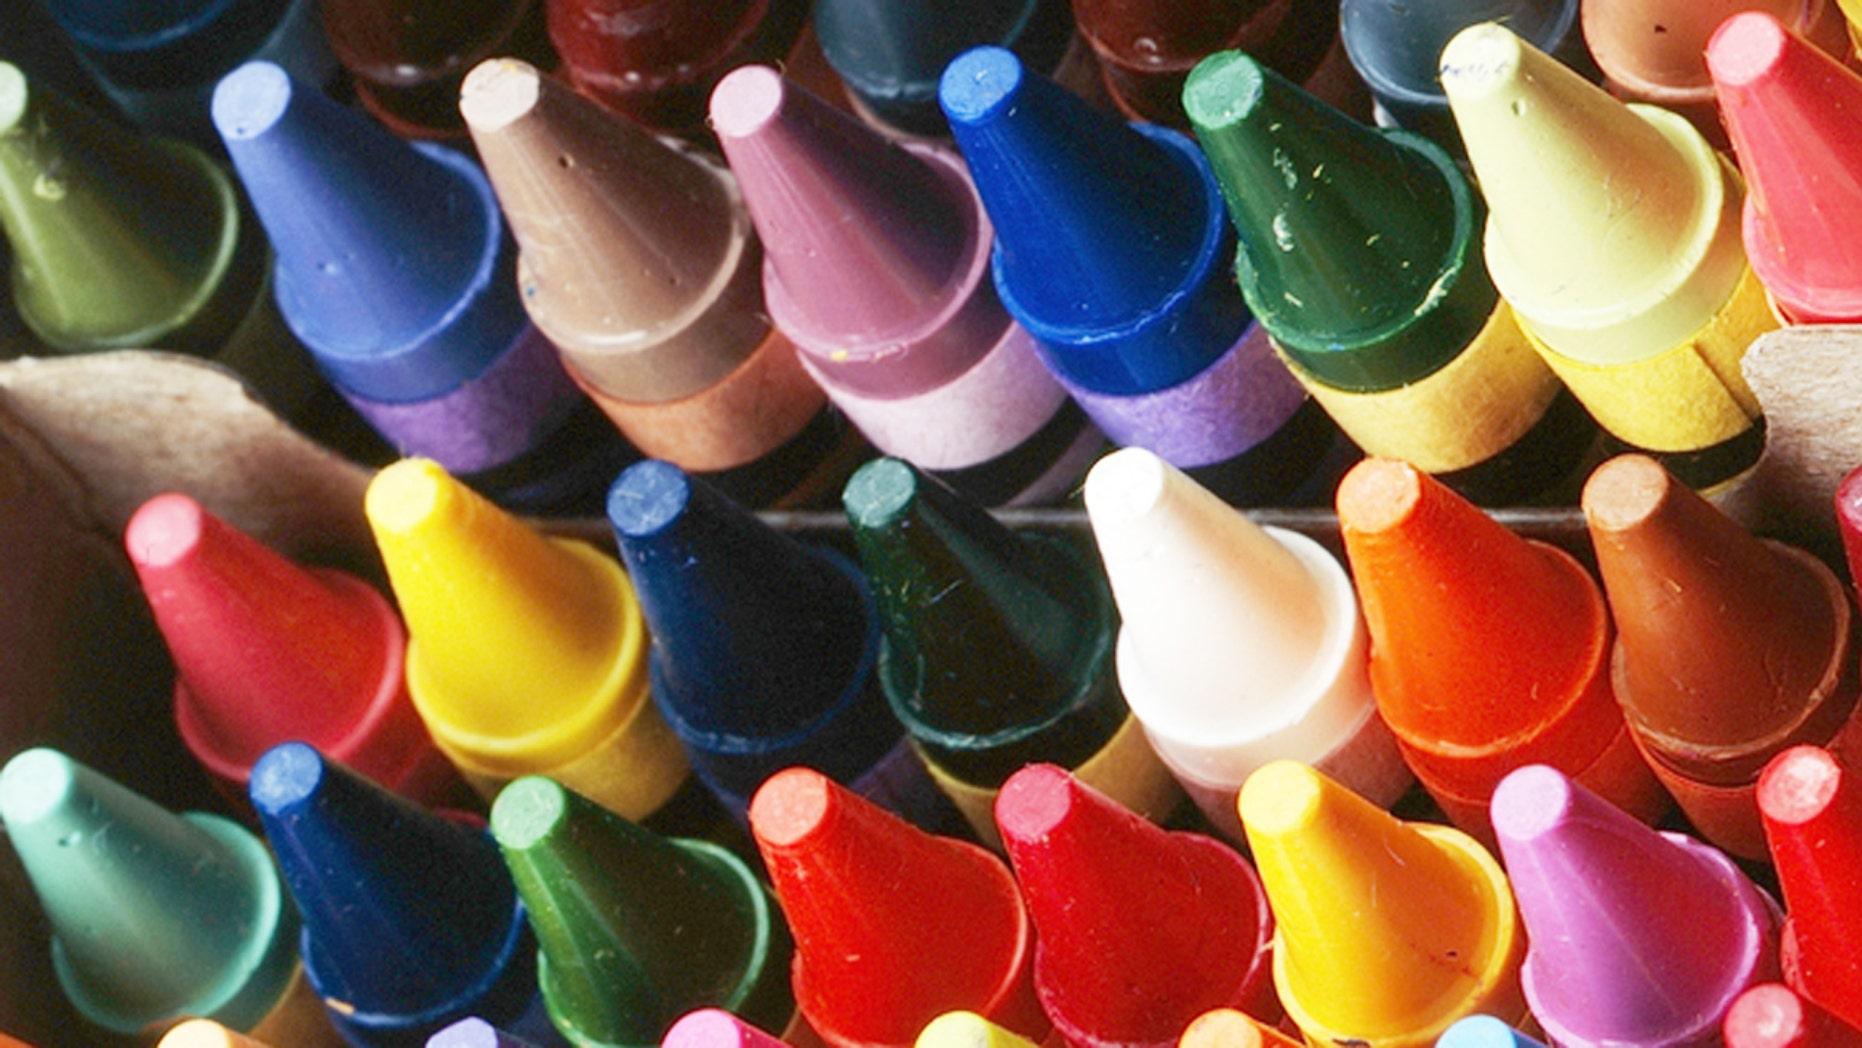 Crayola's new crayon is a brilliant blue.